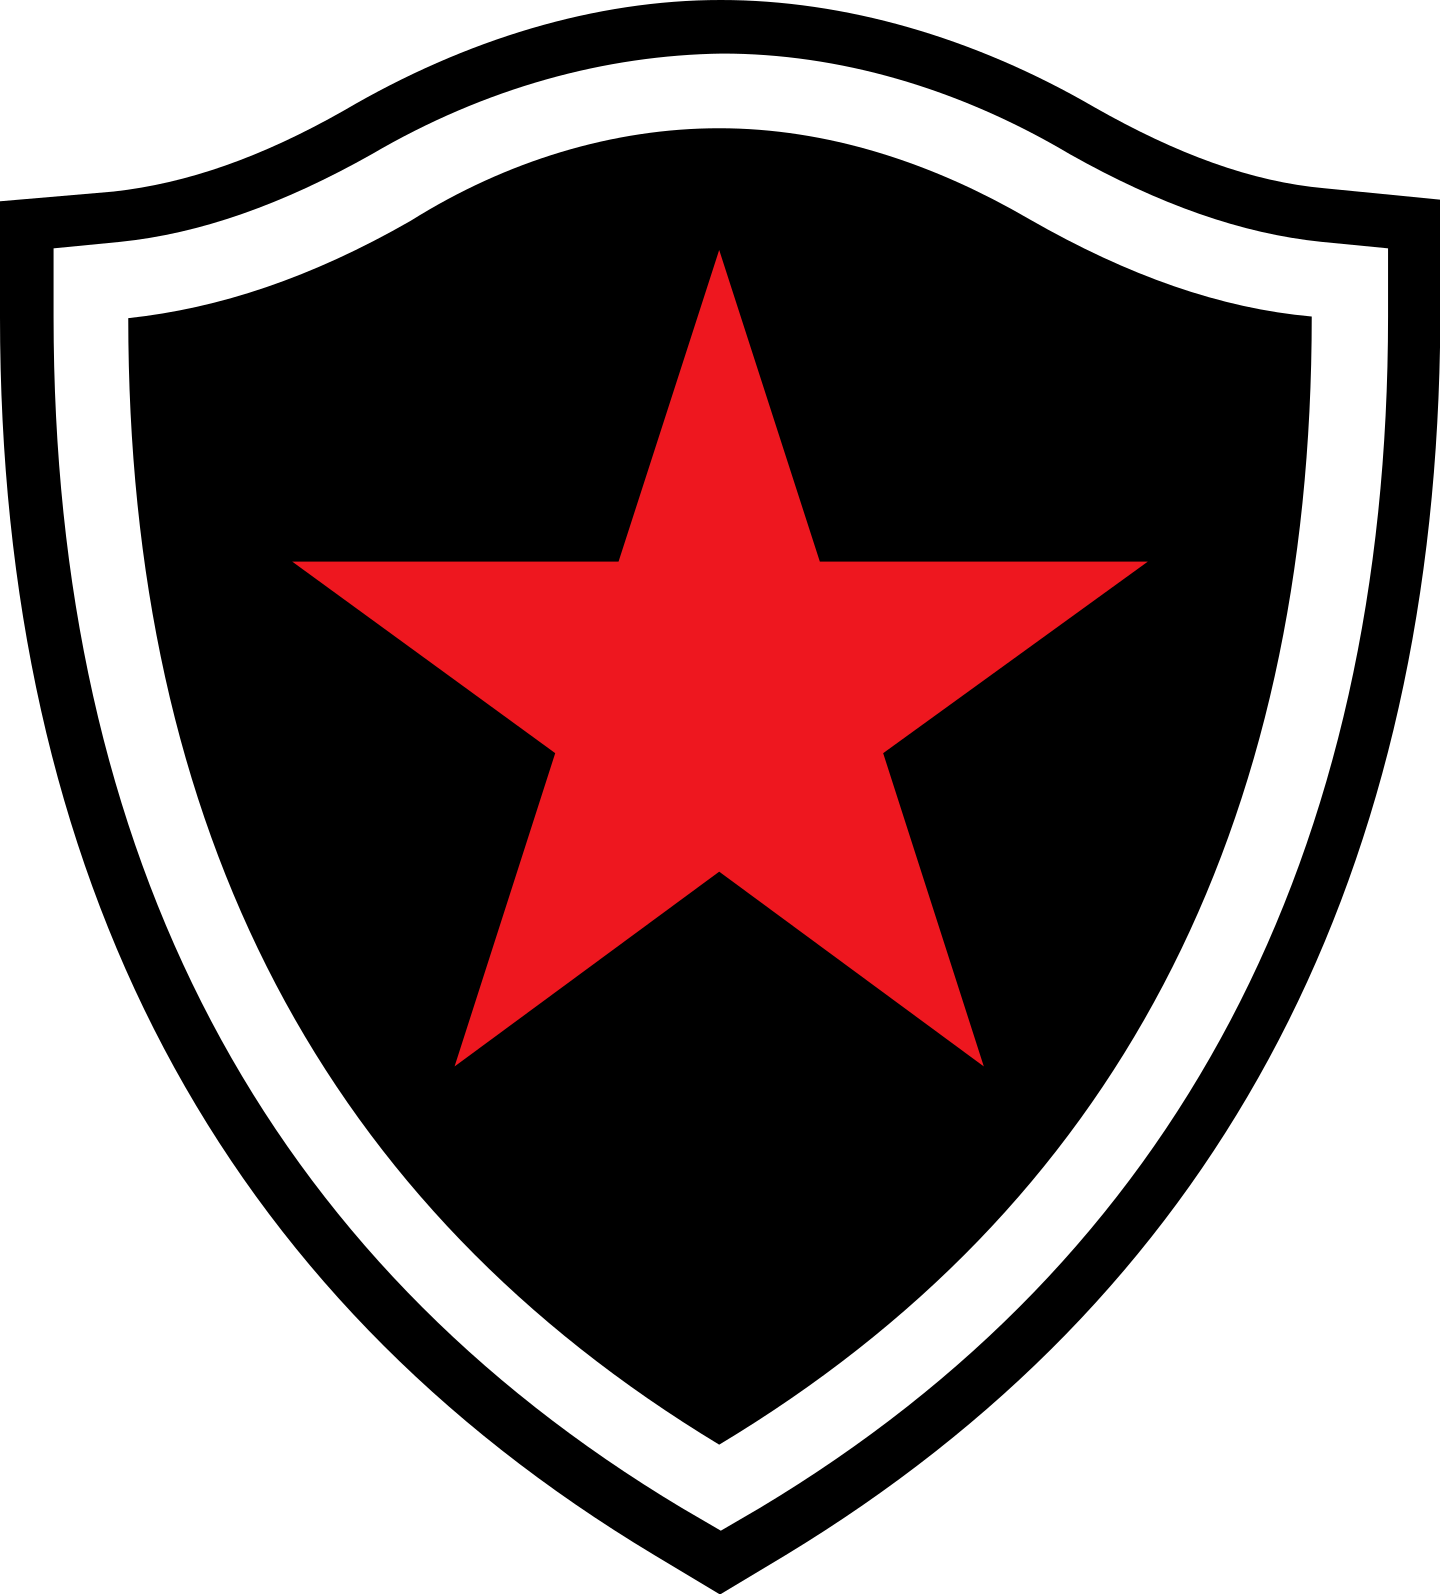 botafogo paraiba logo 03 - Botafogo da Paraíba Logo - Escudo